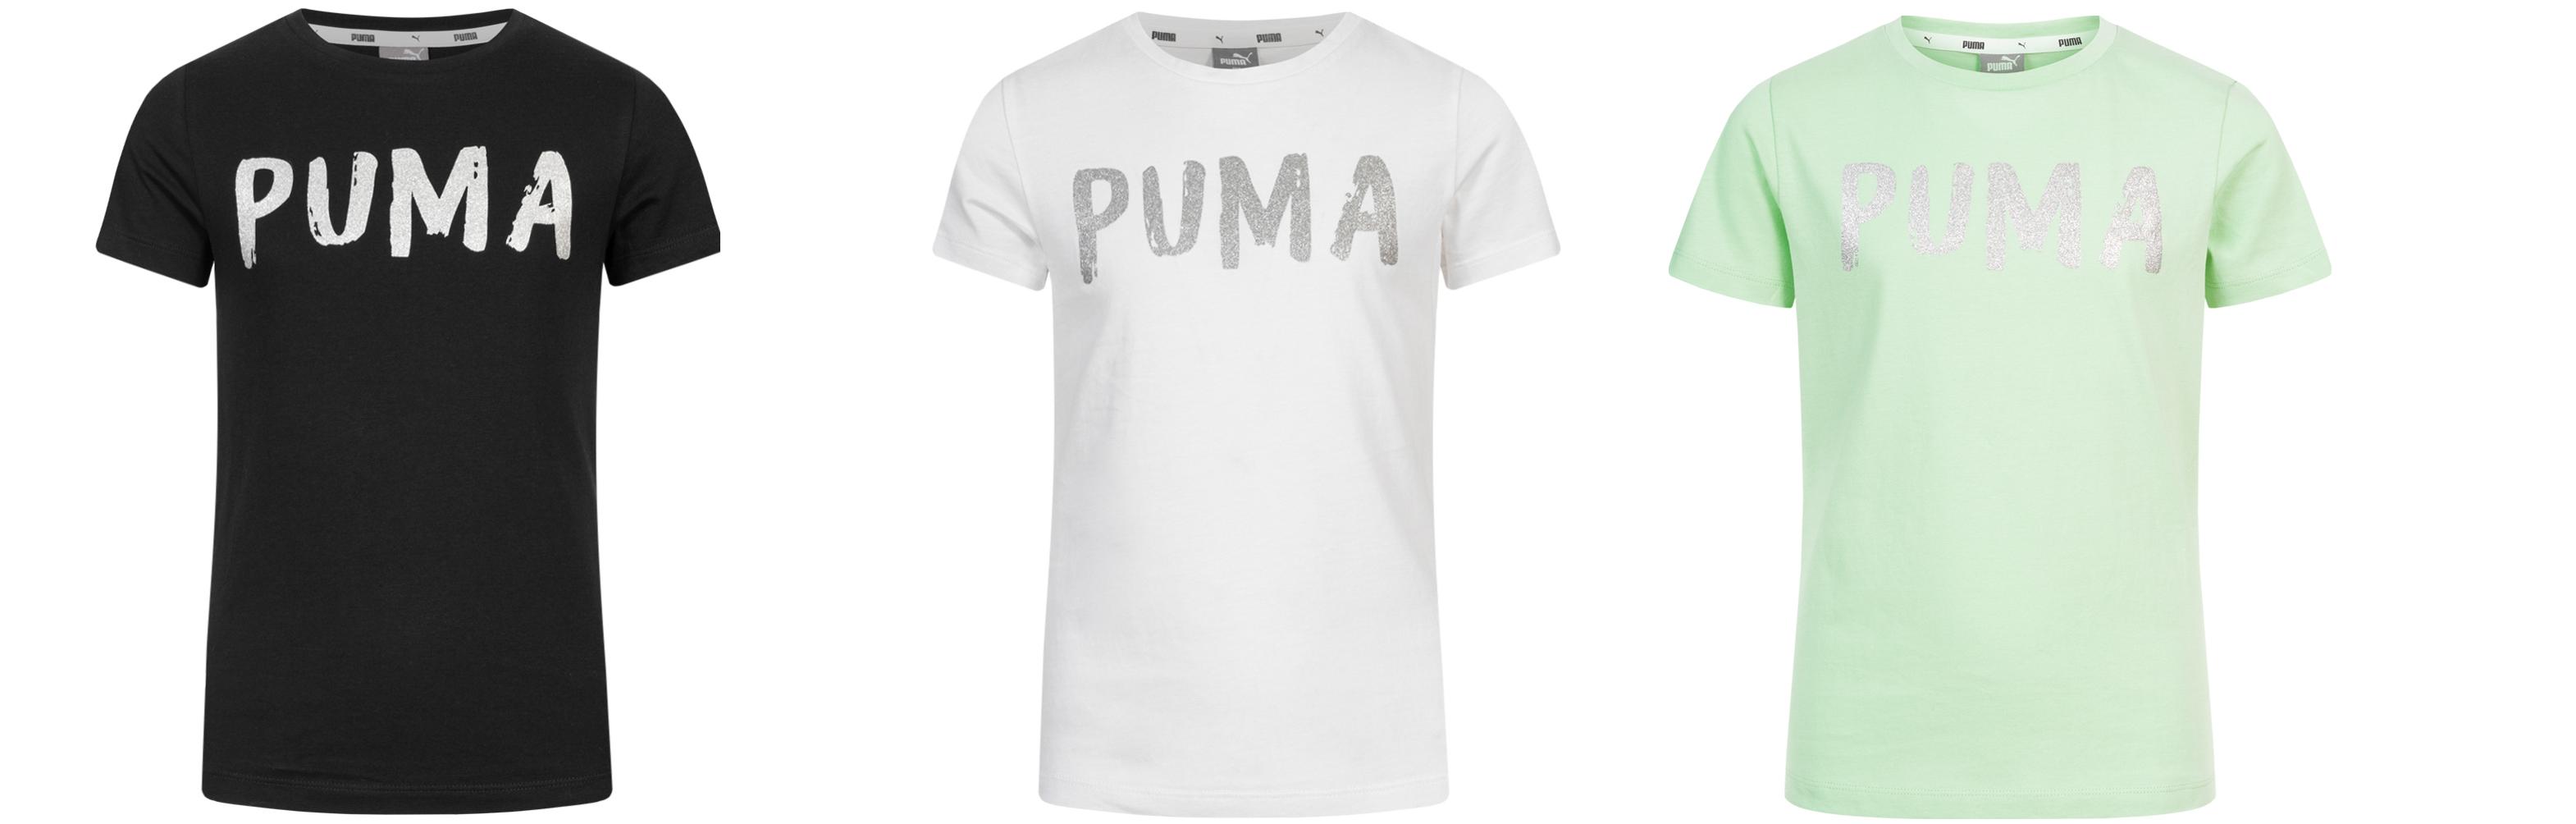 Camiseta Puma para Niños